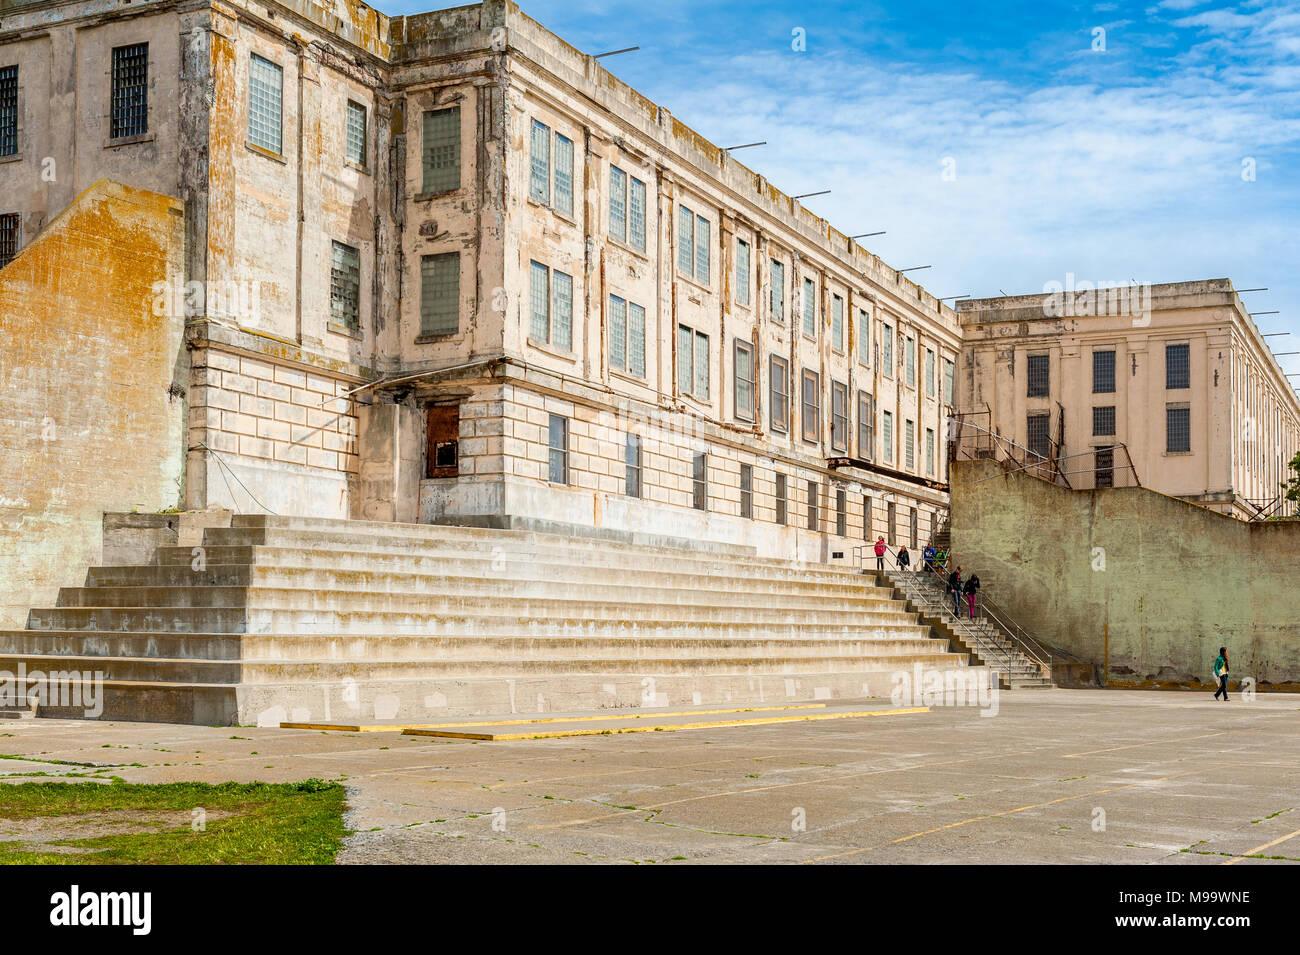 Cellhouse principal de l'ancienne prison fédérale sur l'île d'Alcatraz dans la baie de San Francisco, Californie, USA. Photo Stock